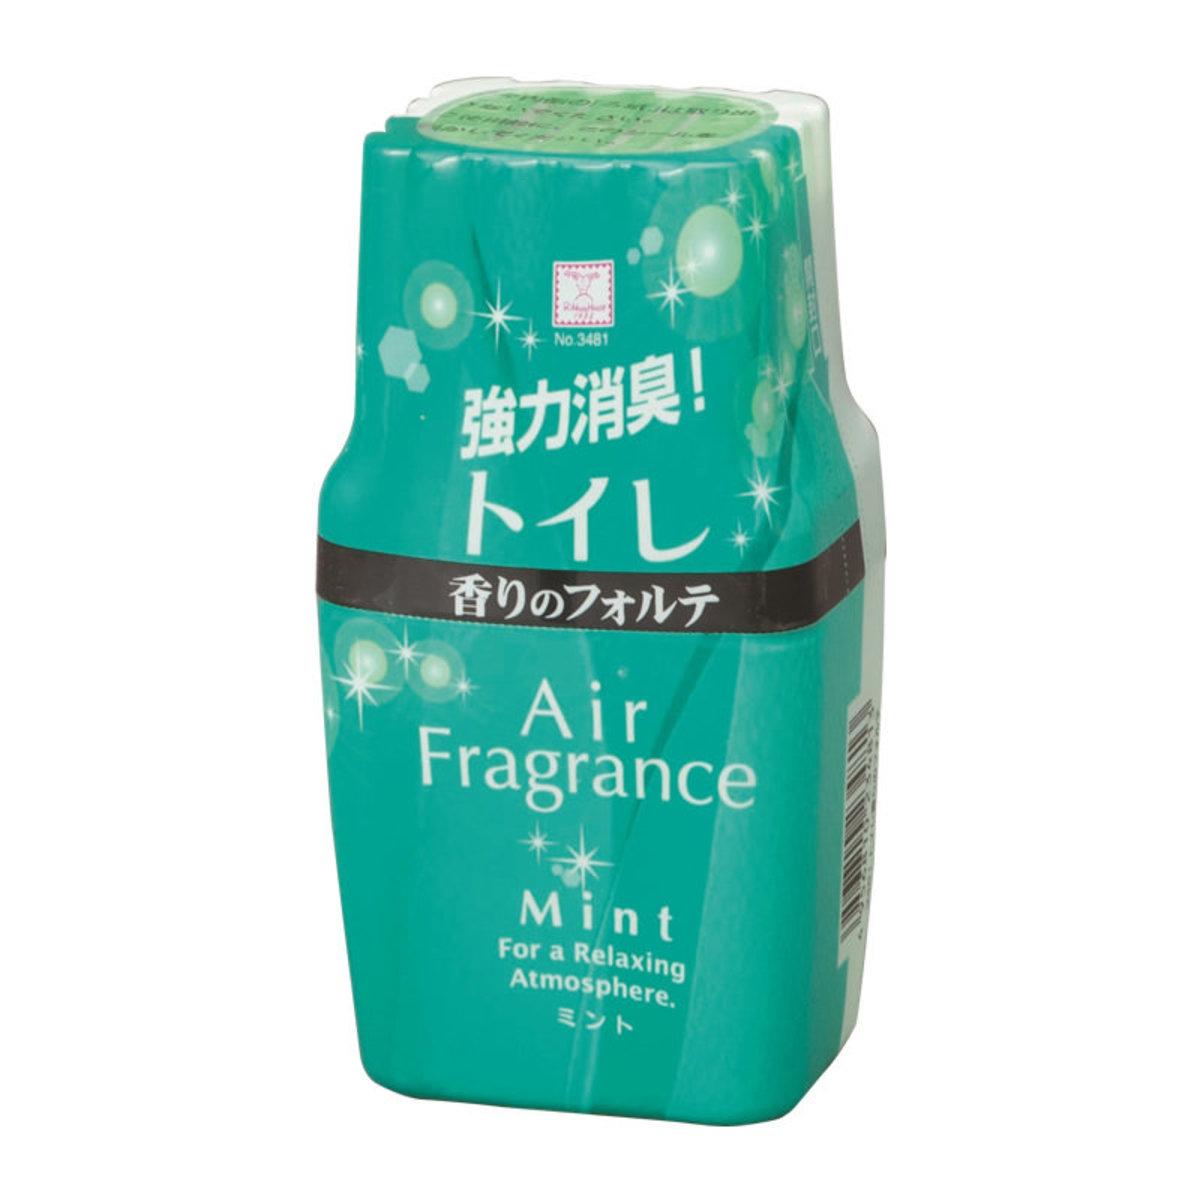 日本進口空氣清新劑 廁所除臭芳香劑 (薄荷香)